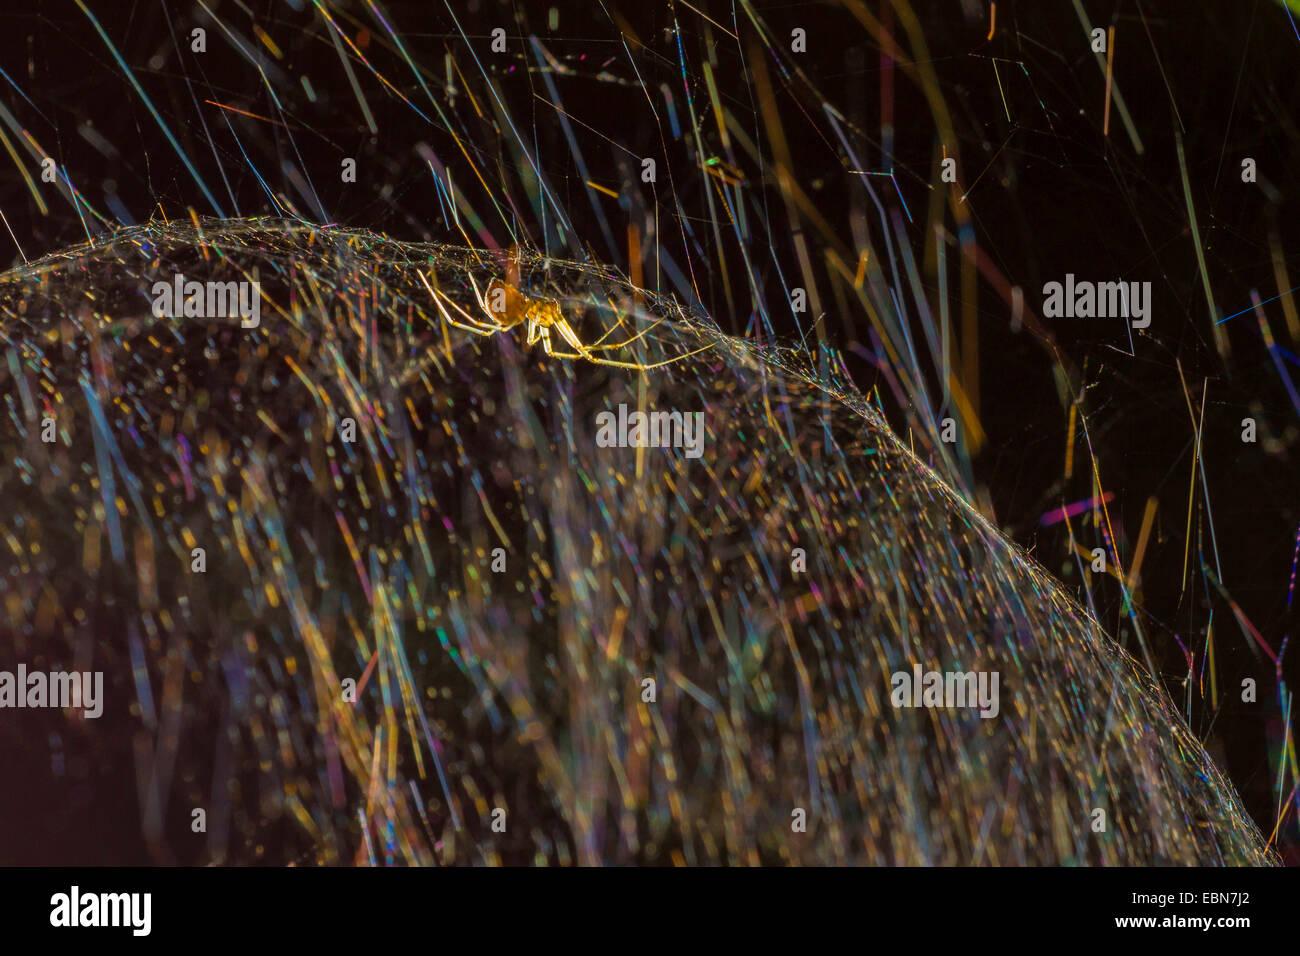 Hoja-web tejedores, hoja-web spinners, línea de tejer las arañas, línea tejedores, dinero (arañas Imagen De Stock